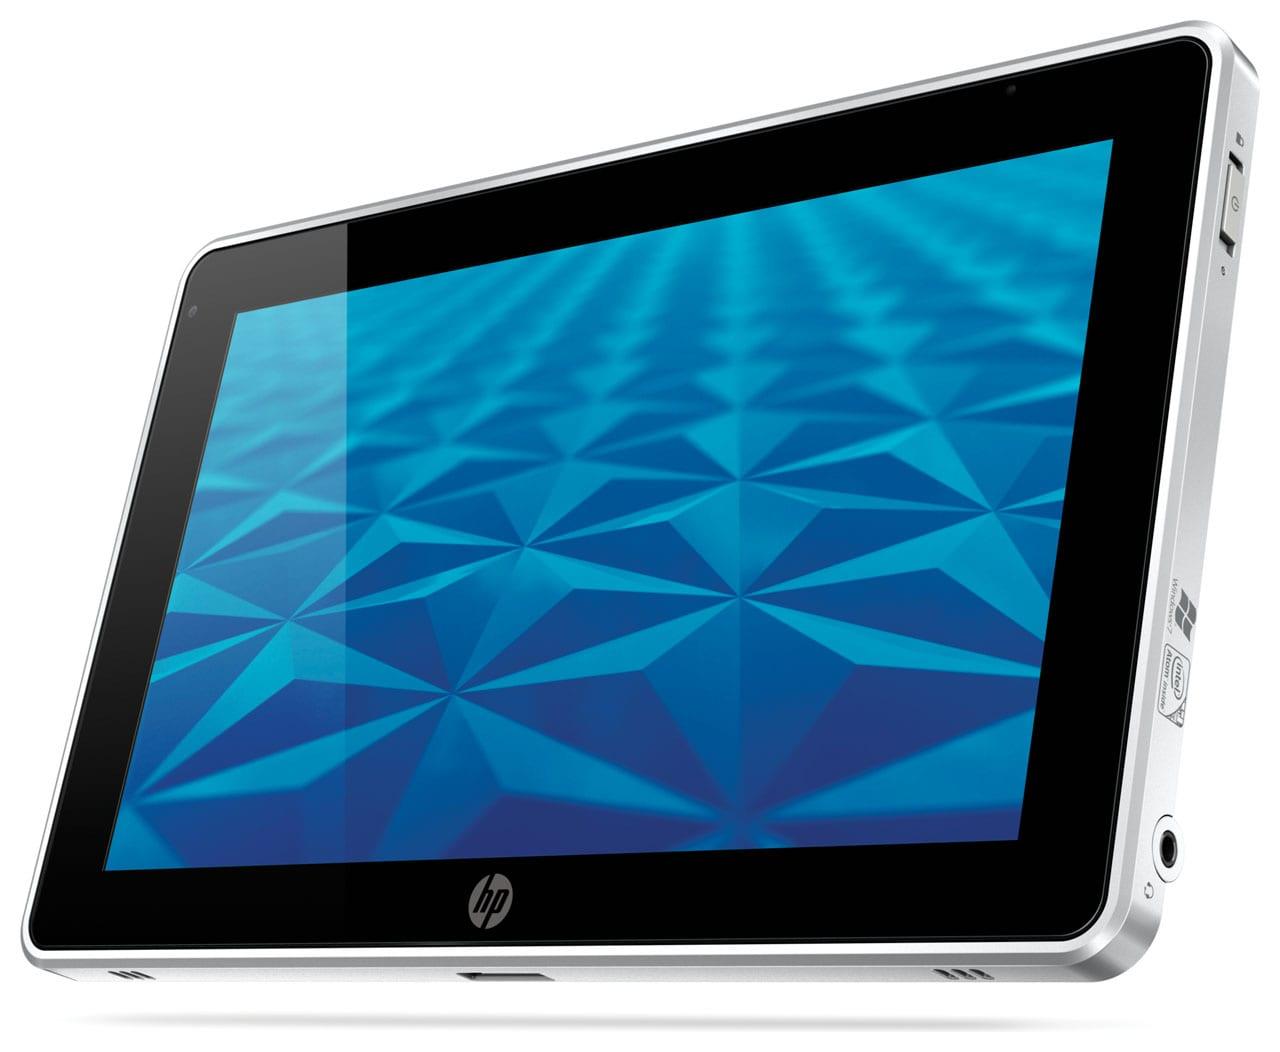 HP Slate 500 TabletPC : Fiche Technique Complète